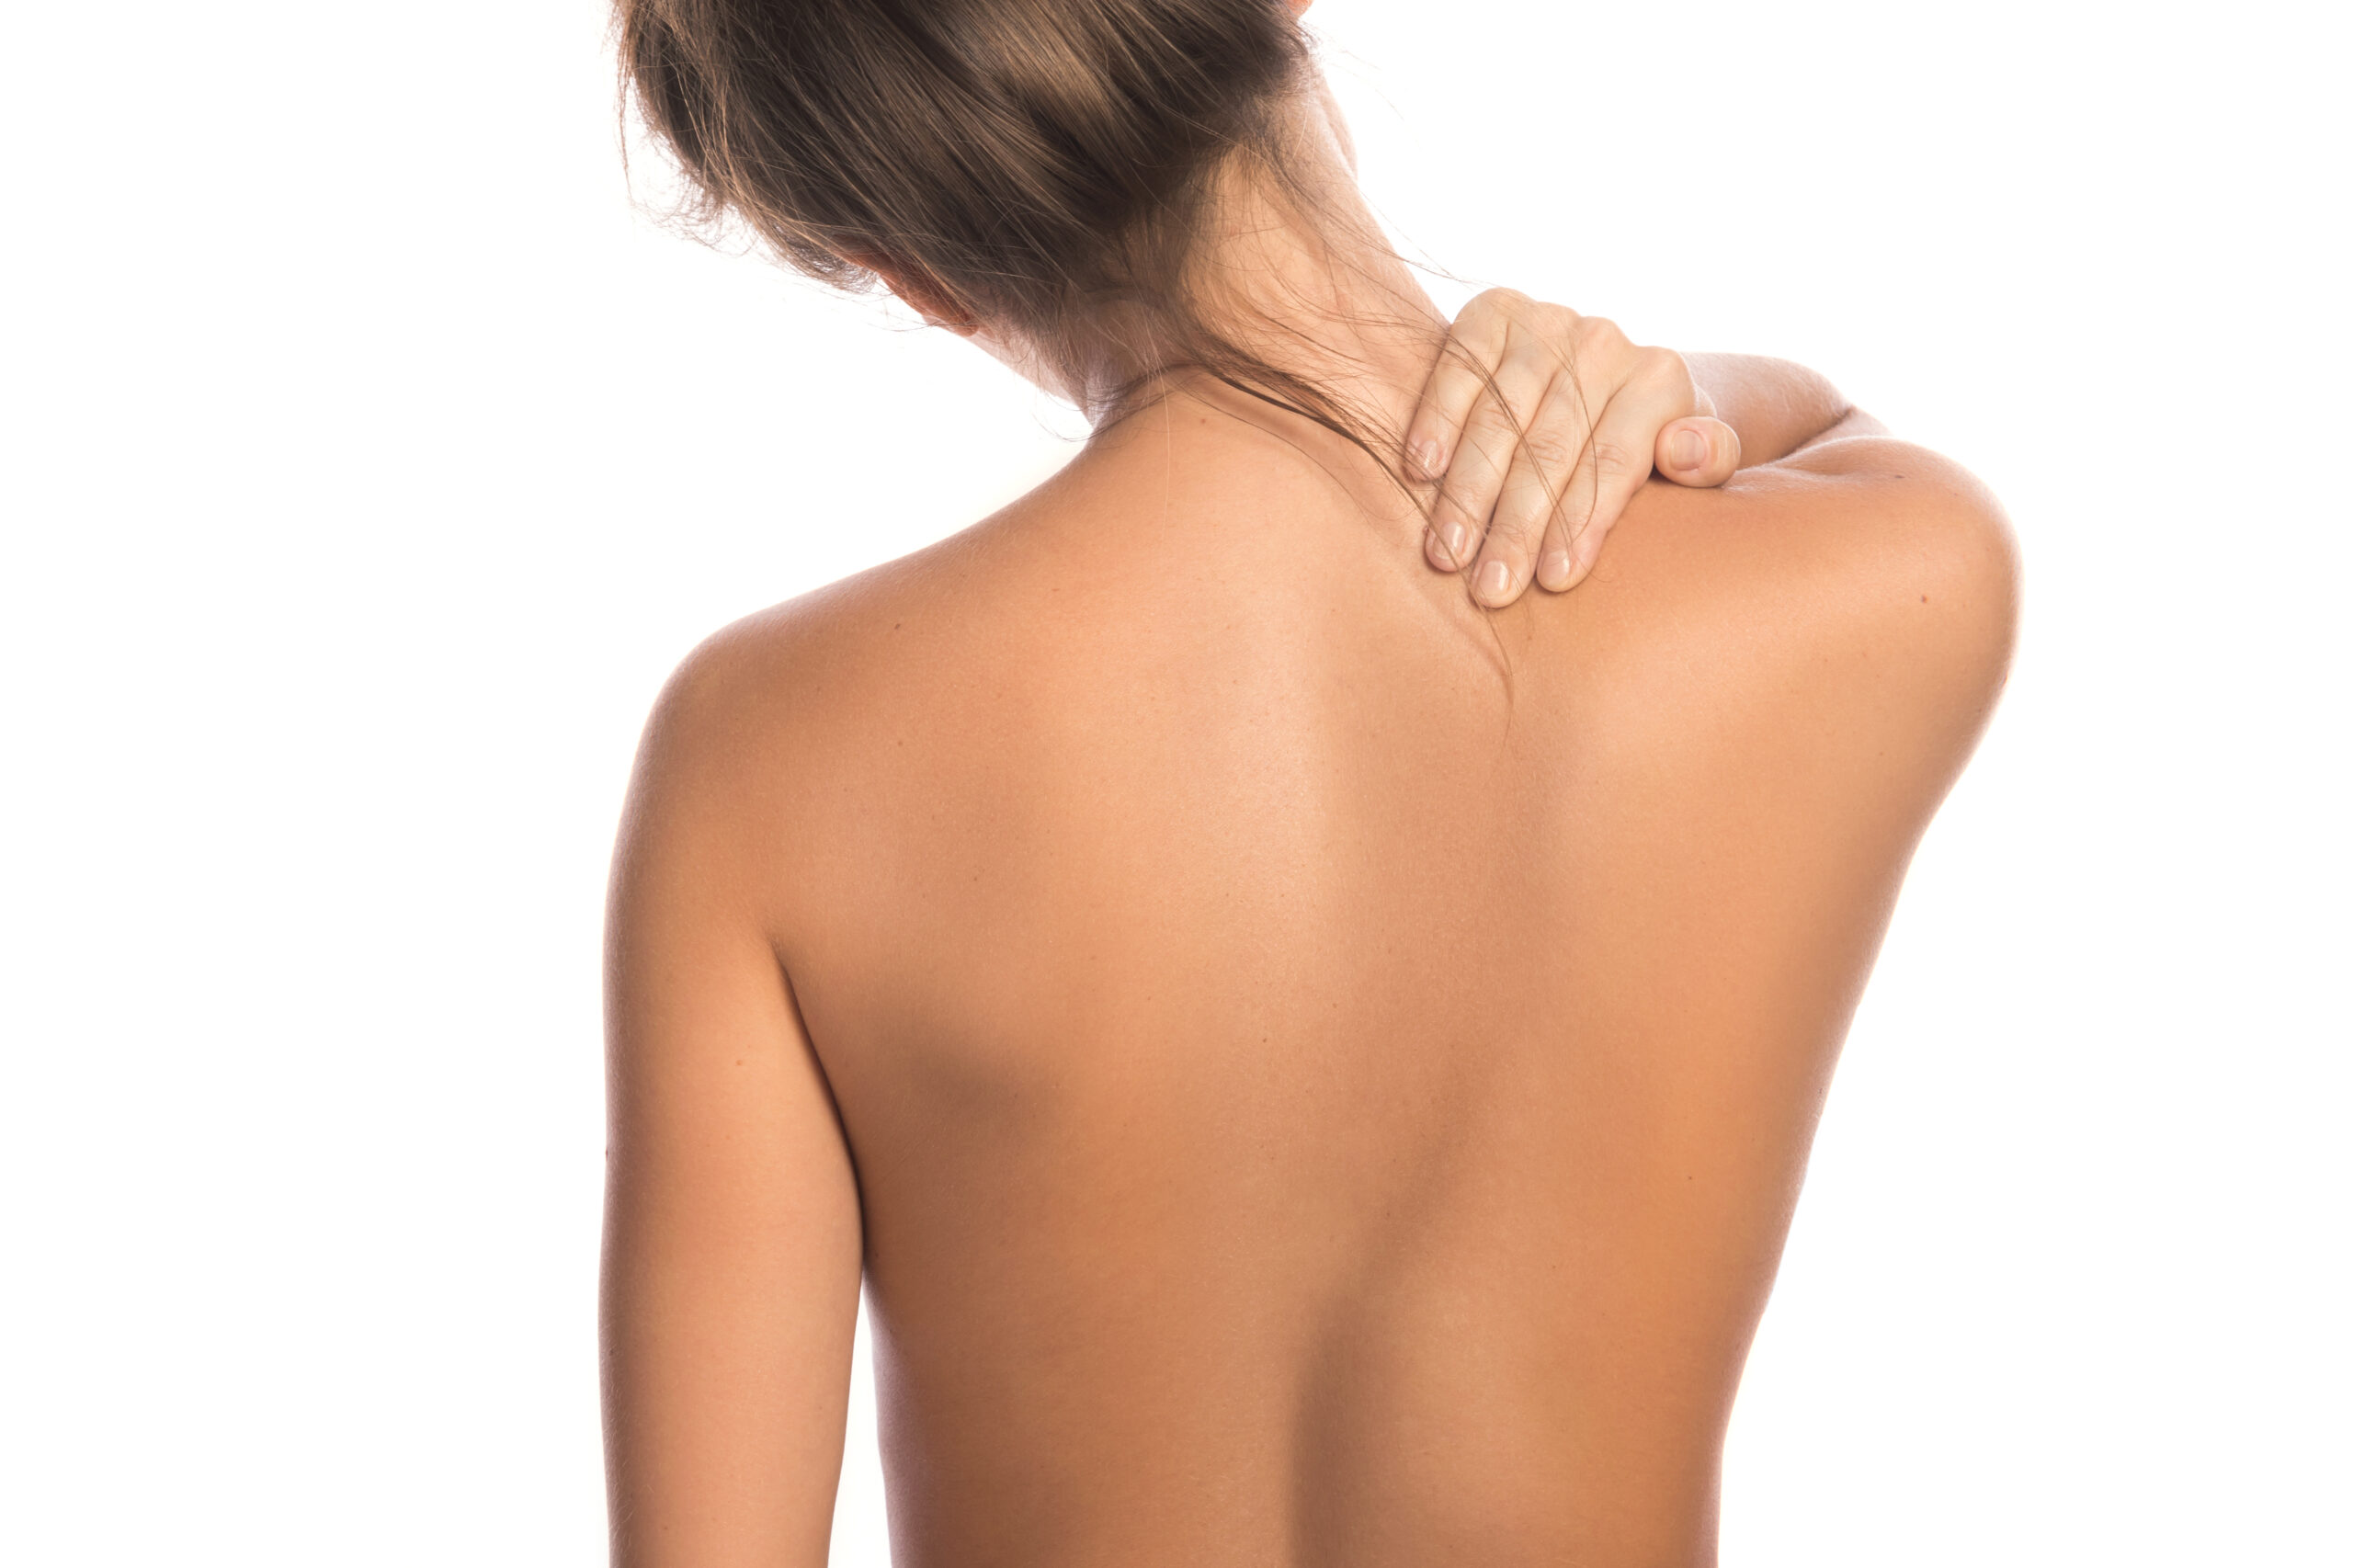 Центр здоров'я Solard - Боль в шее - 1